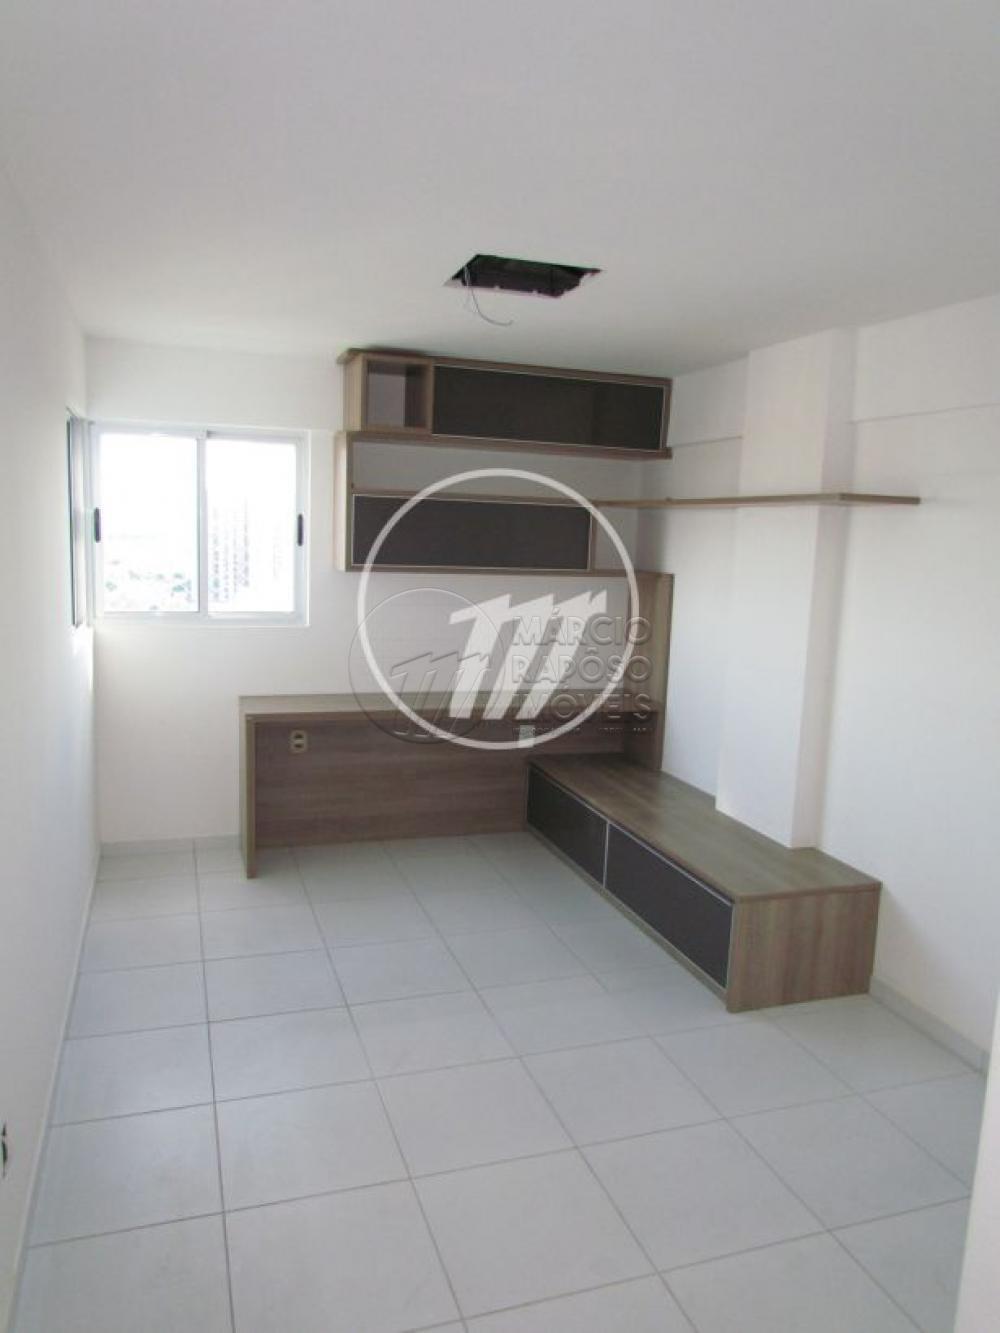 Comprar Apartamento / Padrão em Maceió apenas R$ 620.000,00 - Foto 12